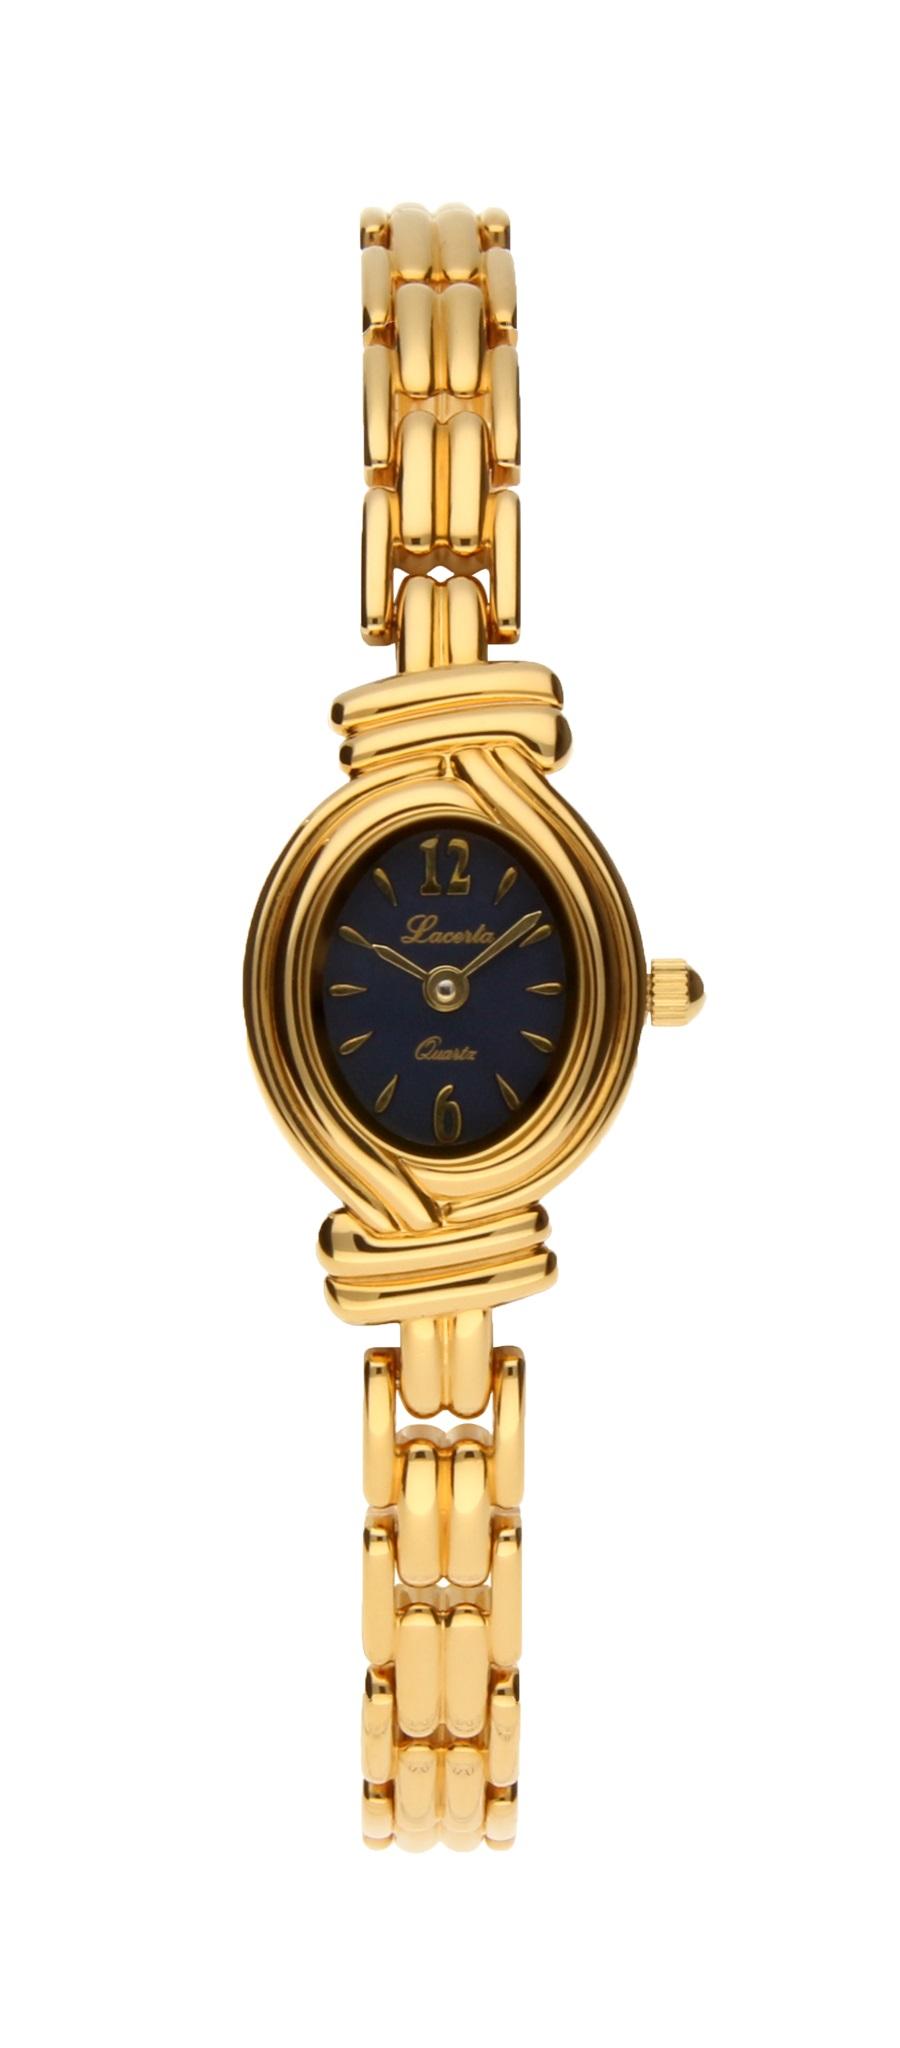 Dámské luxusní švýcarské ocelové hodinky Lacerta 751 273 50 (POŠTOVNÉ ZDARMA!!!)